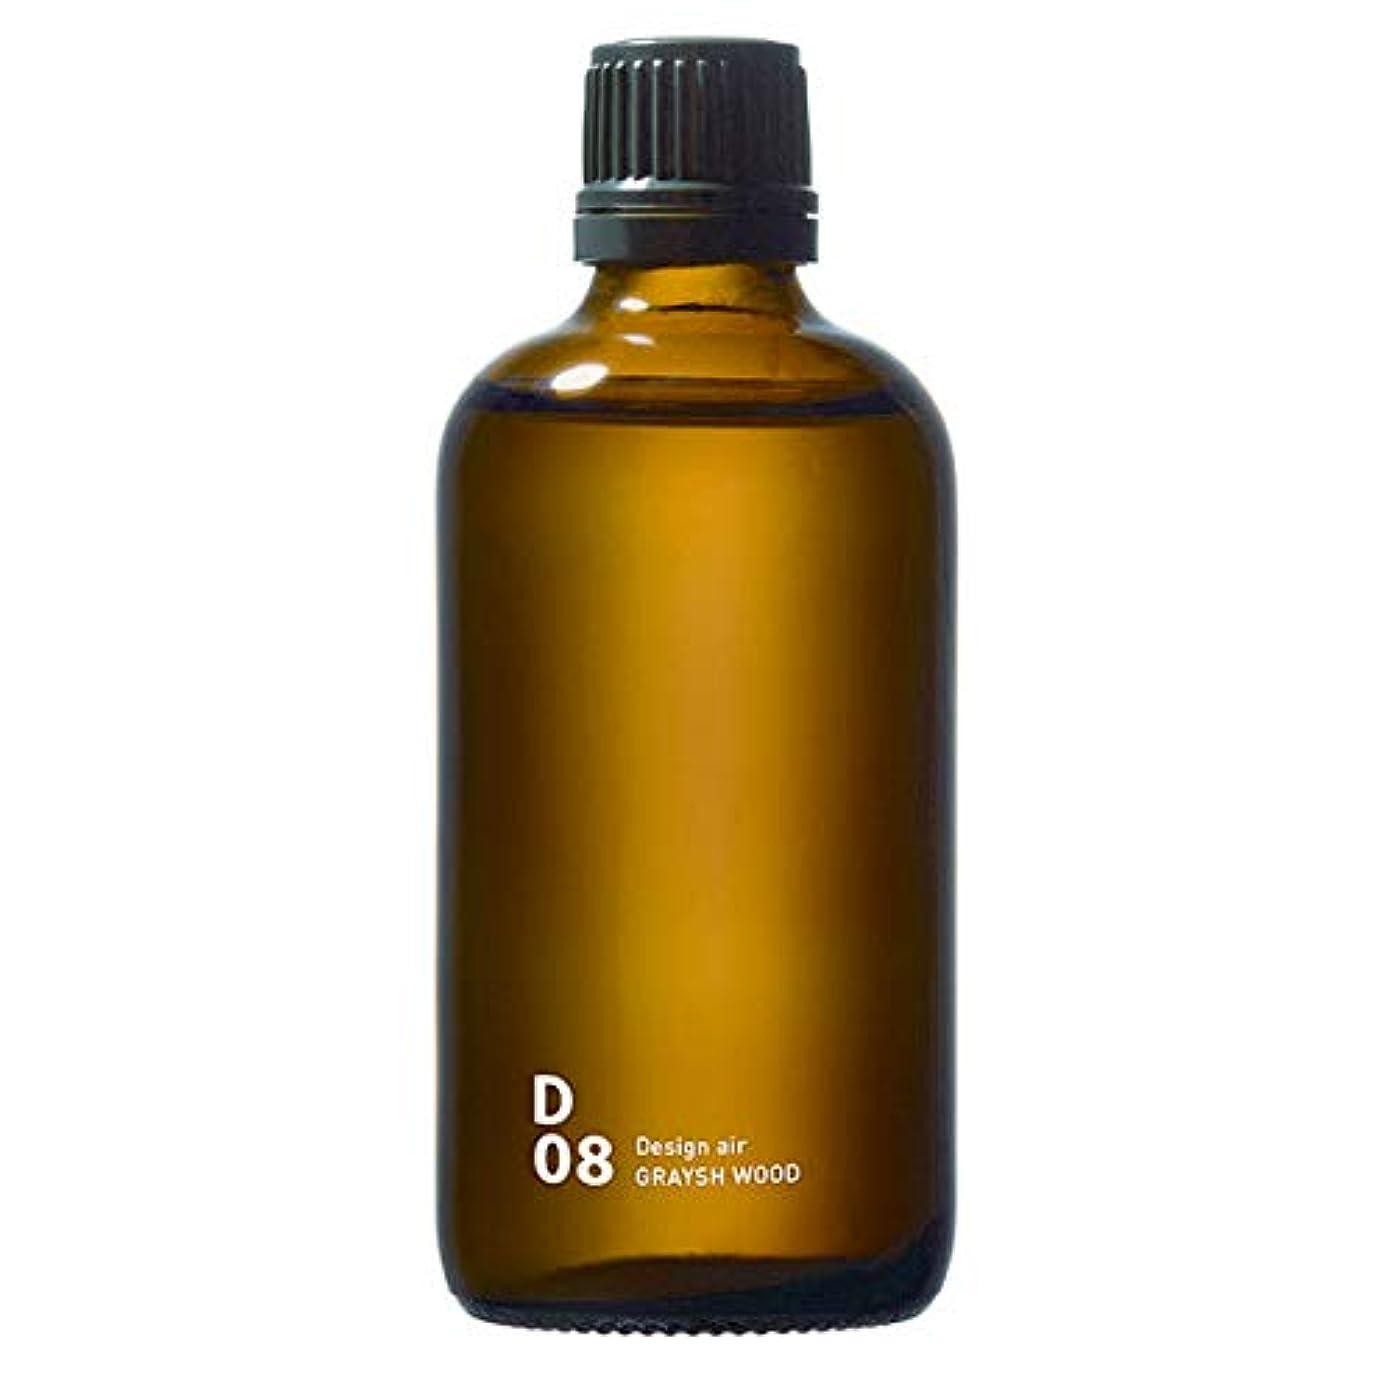 キャンパス宅配便繕うD08 GRAYISH WOOD piezo aroma oil 100ml